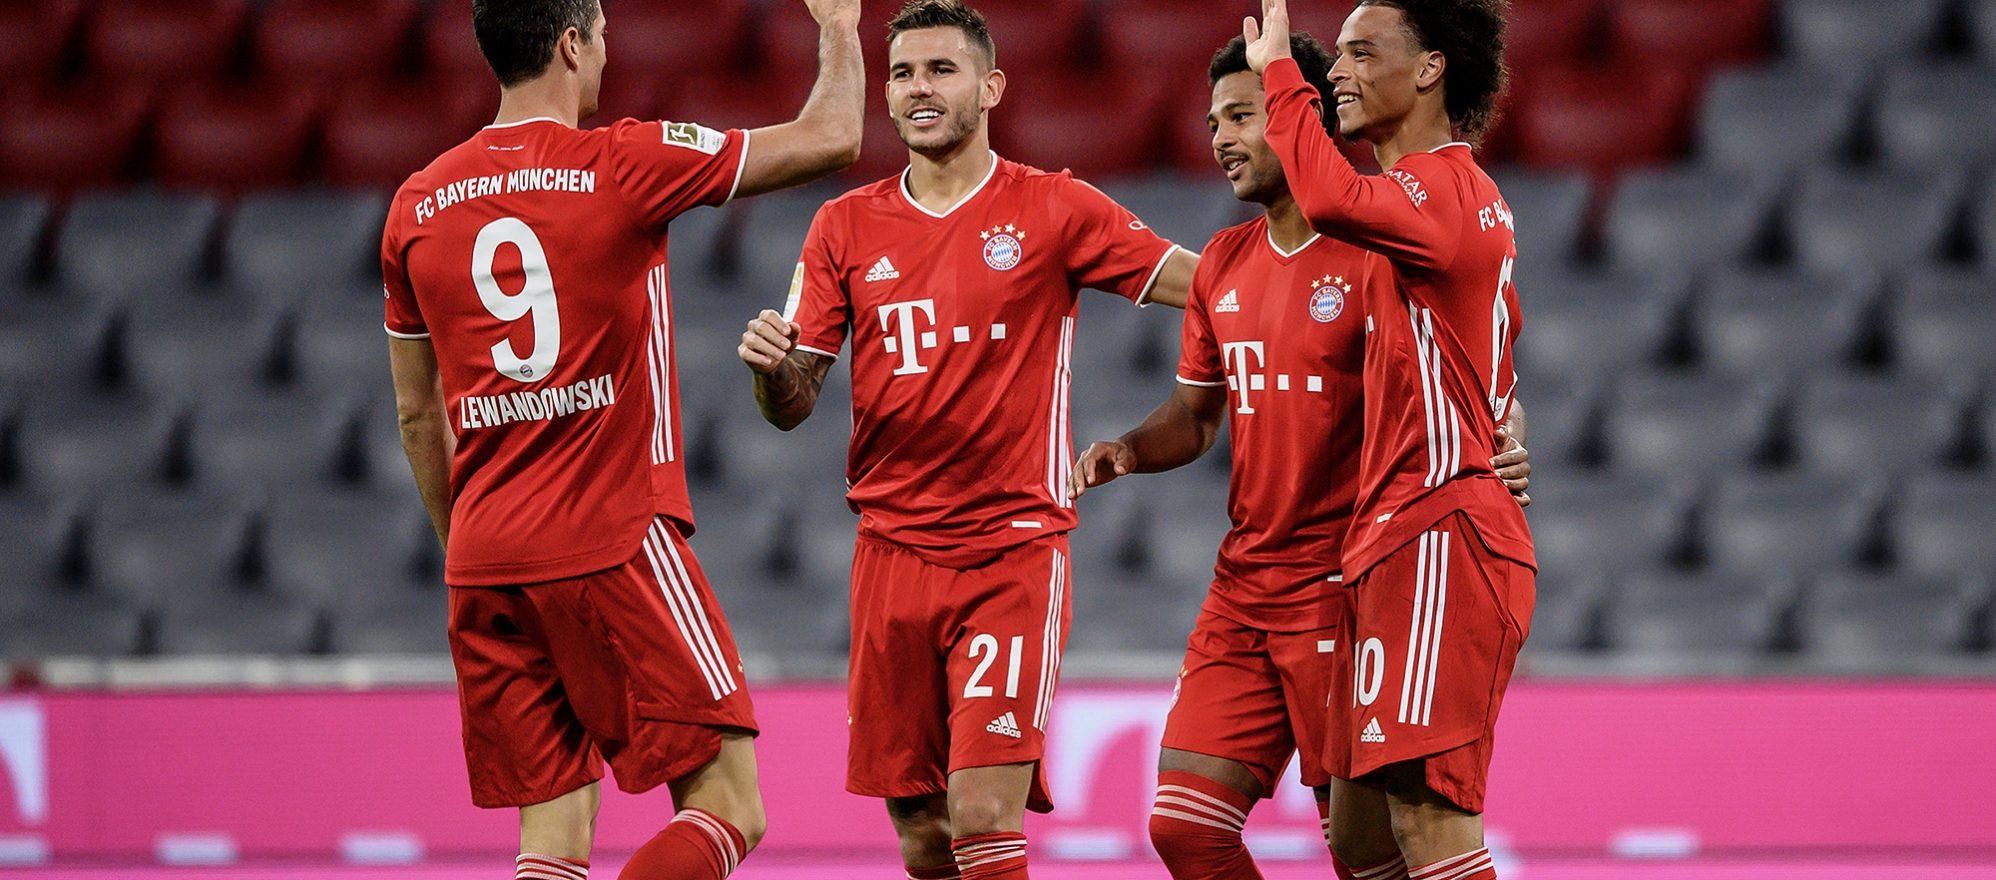 SPITCH-Vorschau 8. Spieltag: Top-Stars und die besten Schnäppchen